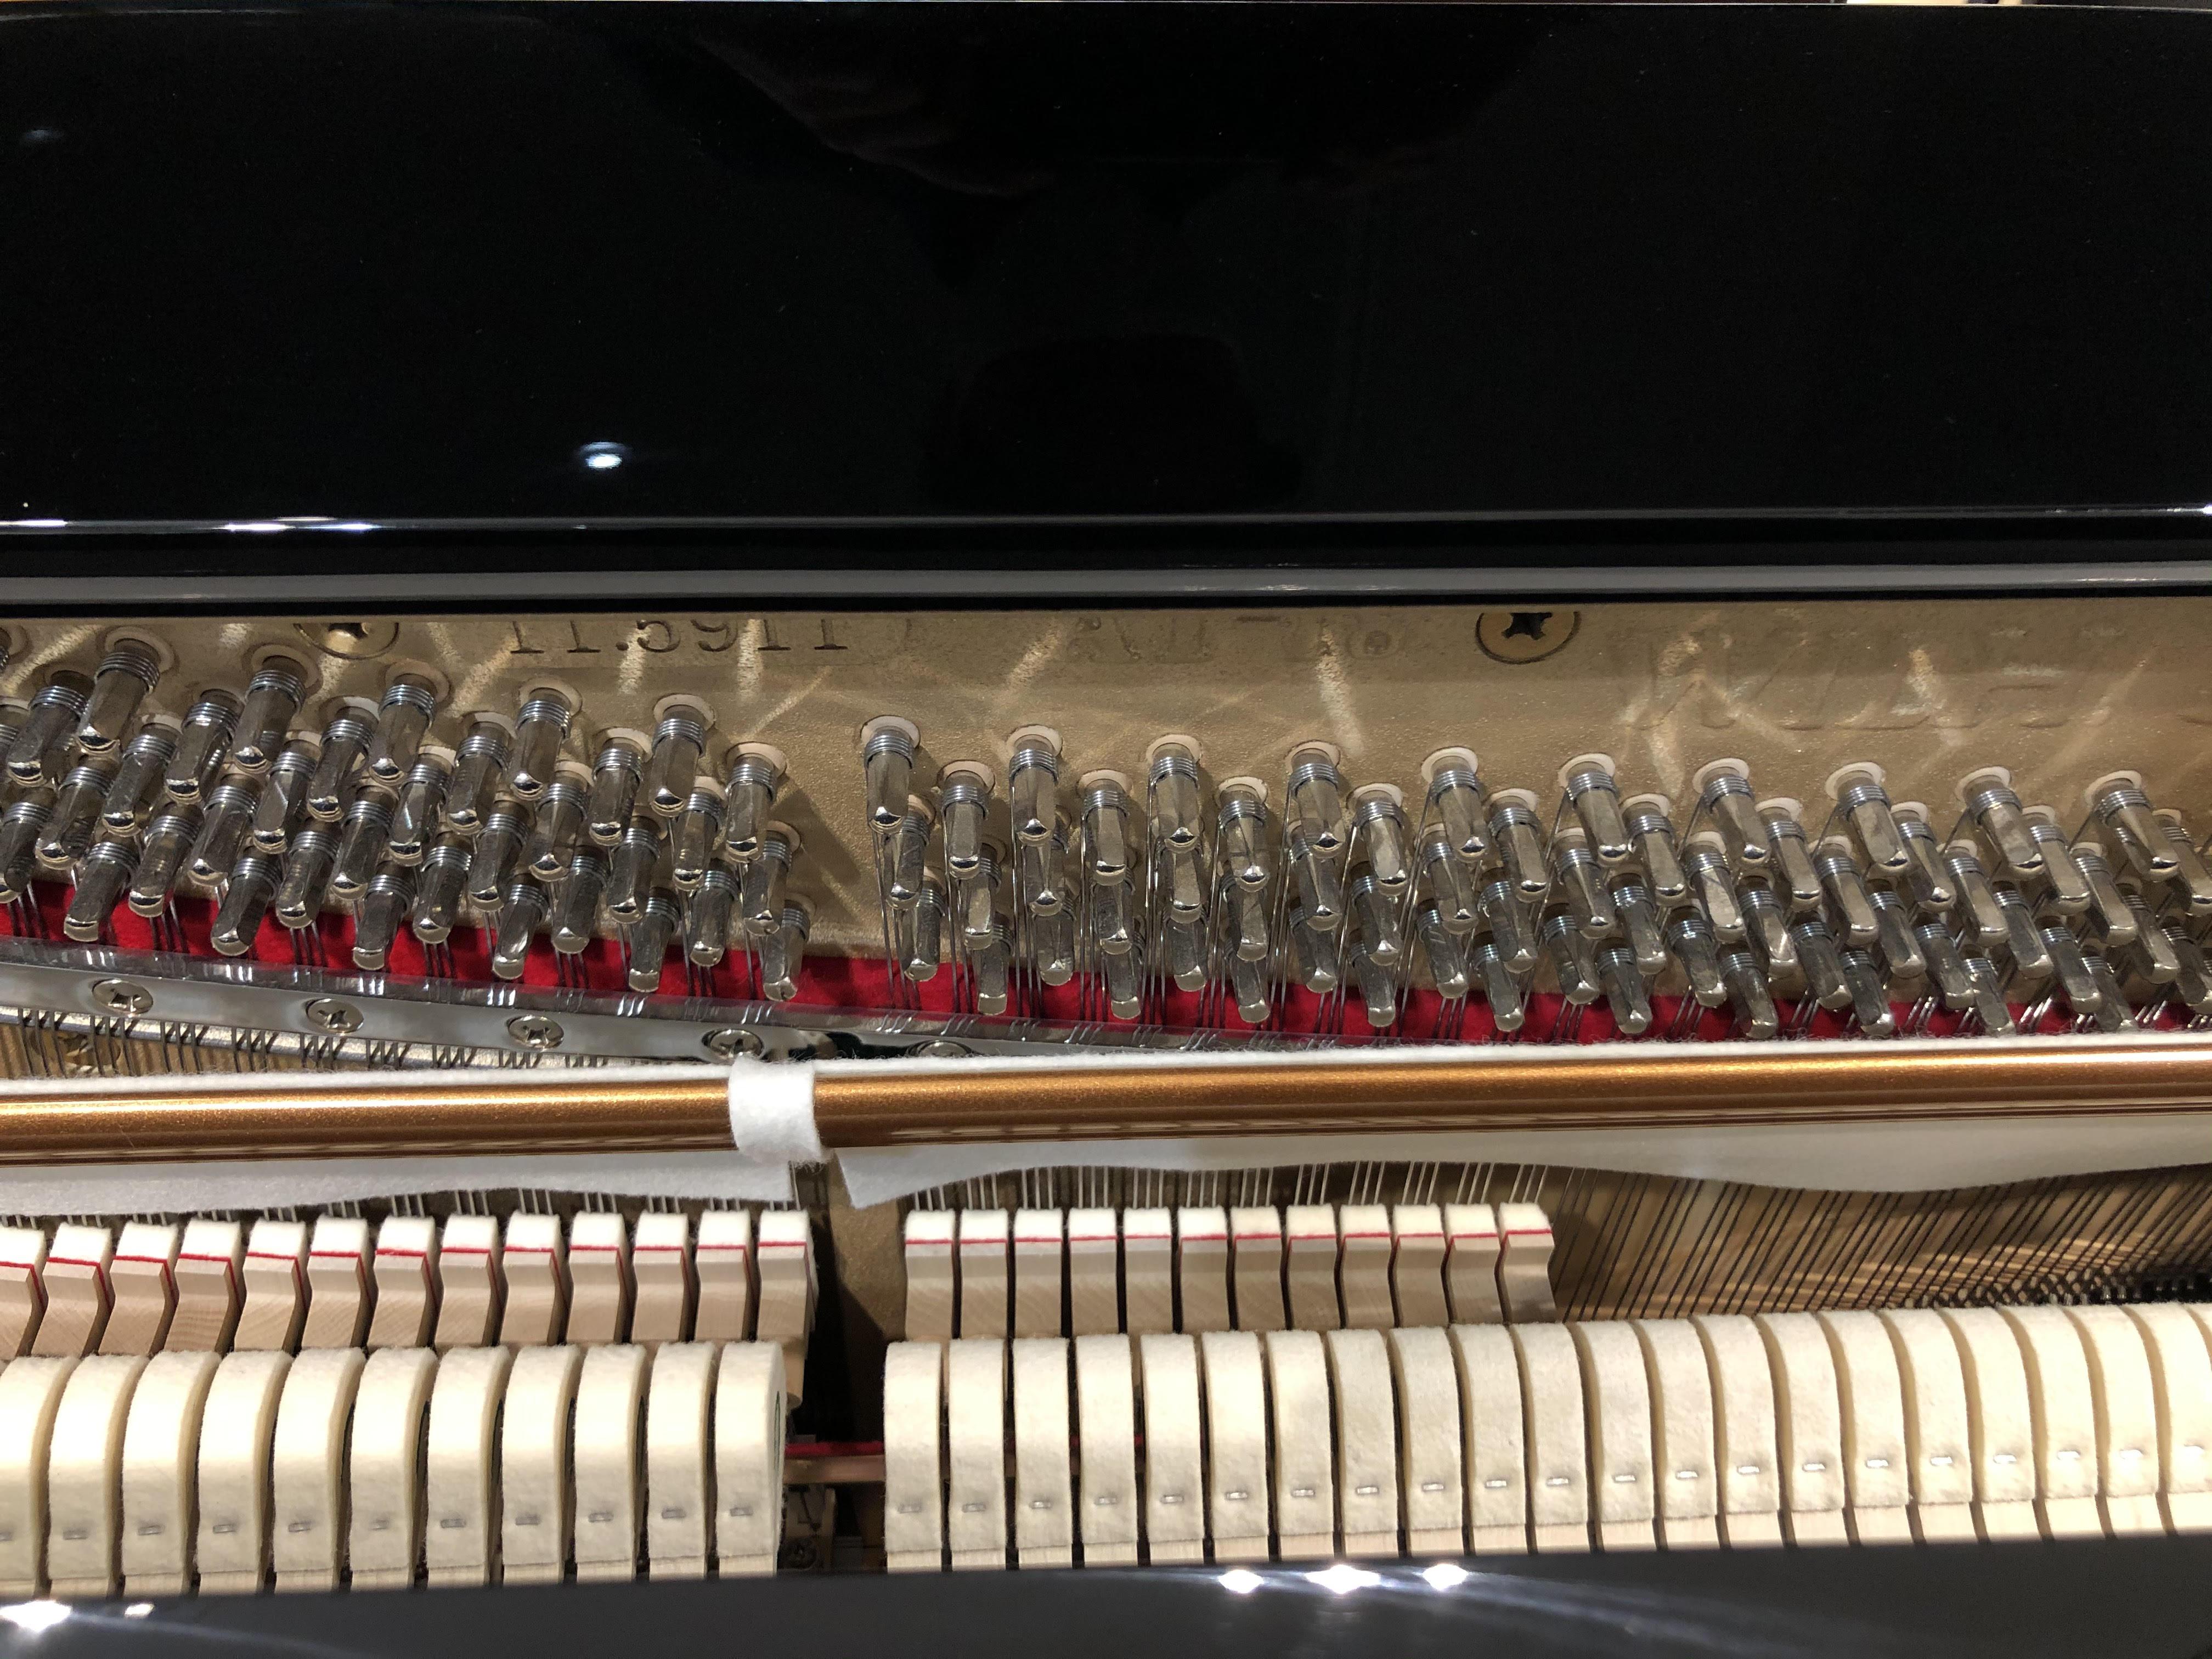 アップライトピアノ 新品 中古 選び方 WILH・STEINBERG AT18DC スタインベルグ 消音ユニット 千葉ニュータウン 印西 価格 島村楽器